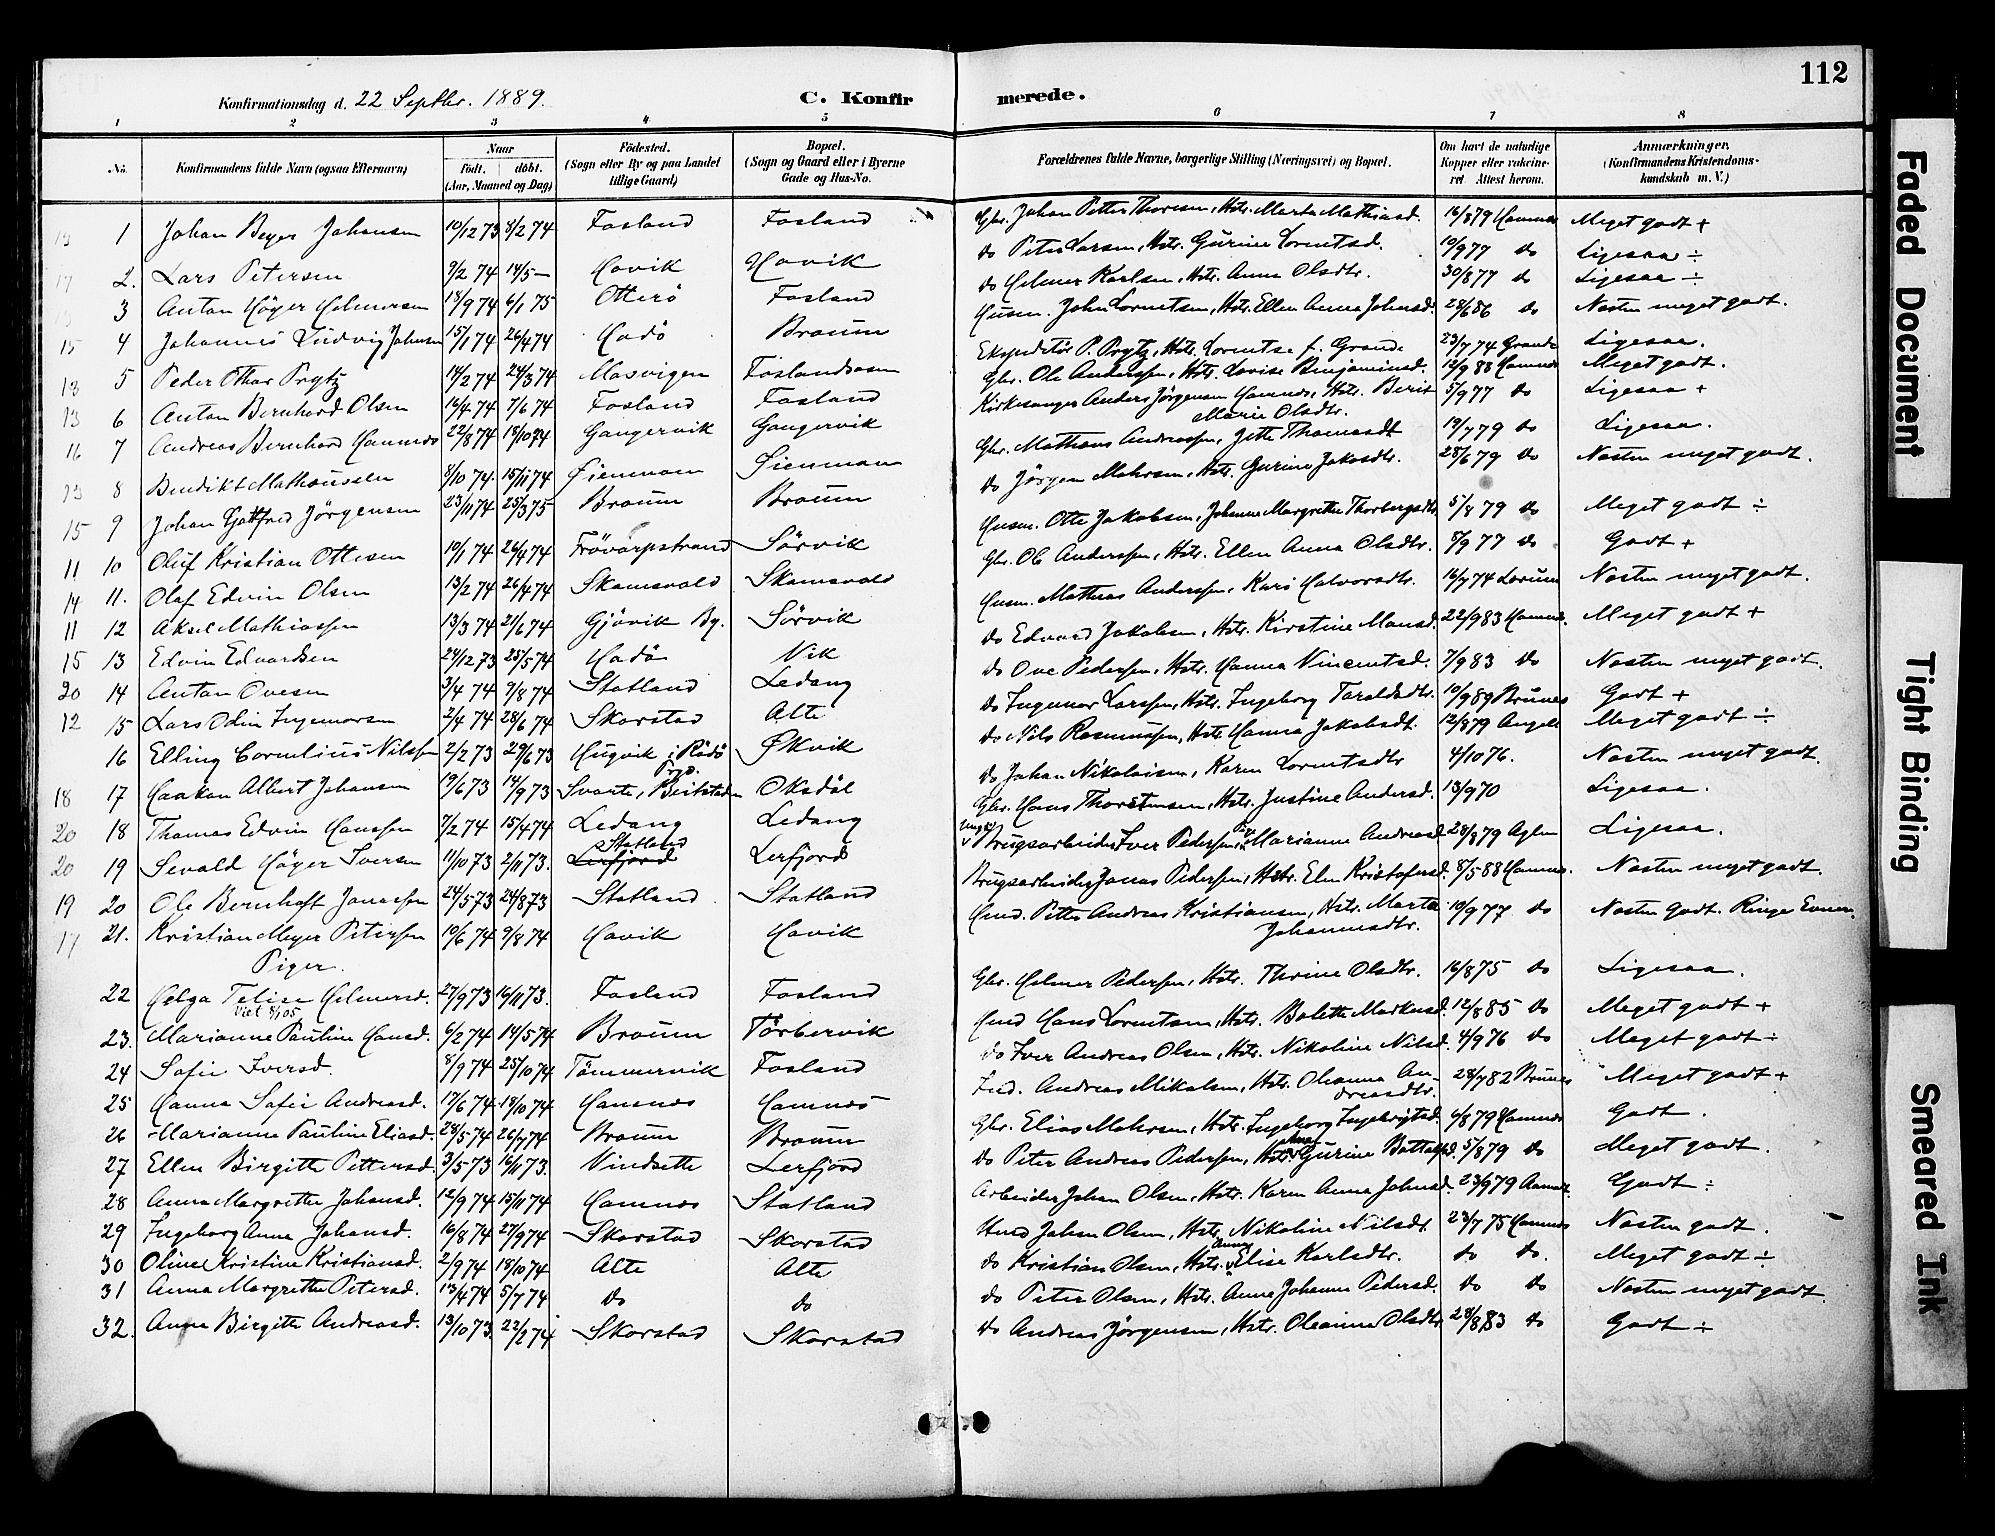 SAT, Ministerialprotokoller, klokkerbøker og fødselsregistre - Nord-Trøndelag, 774/L0628: Ministerialbok nr. 774A02, 1887-1903, s. 112